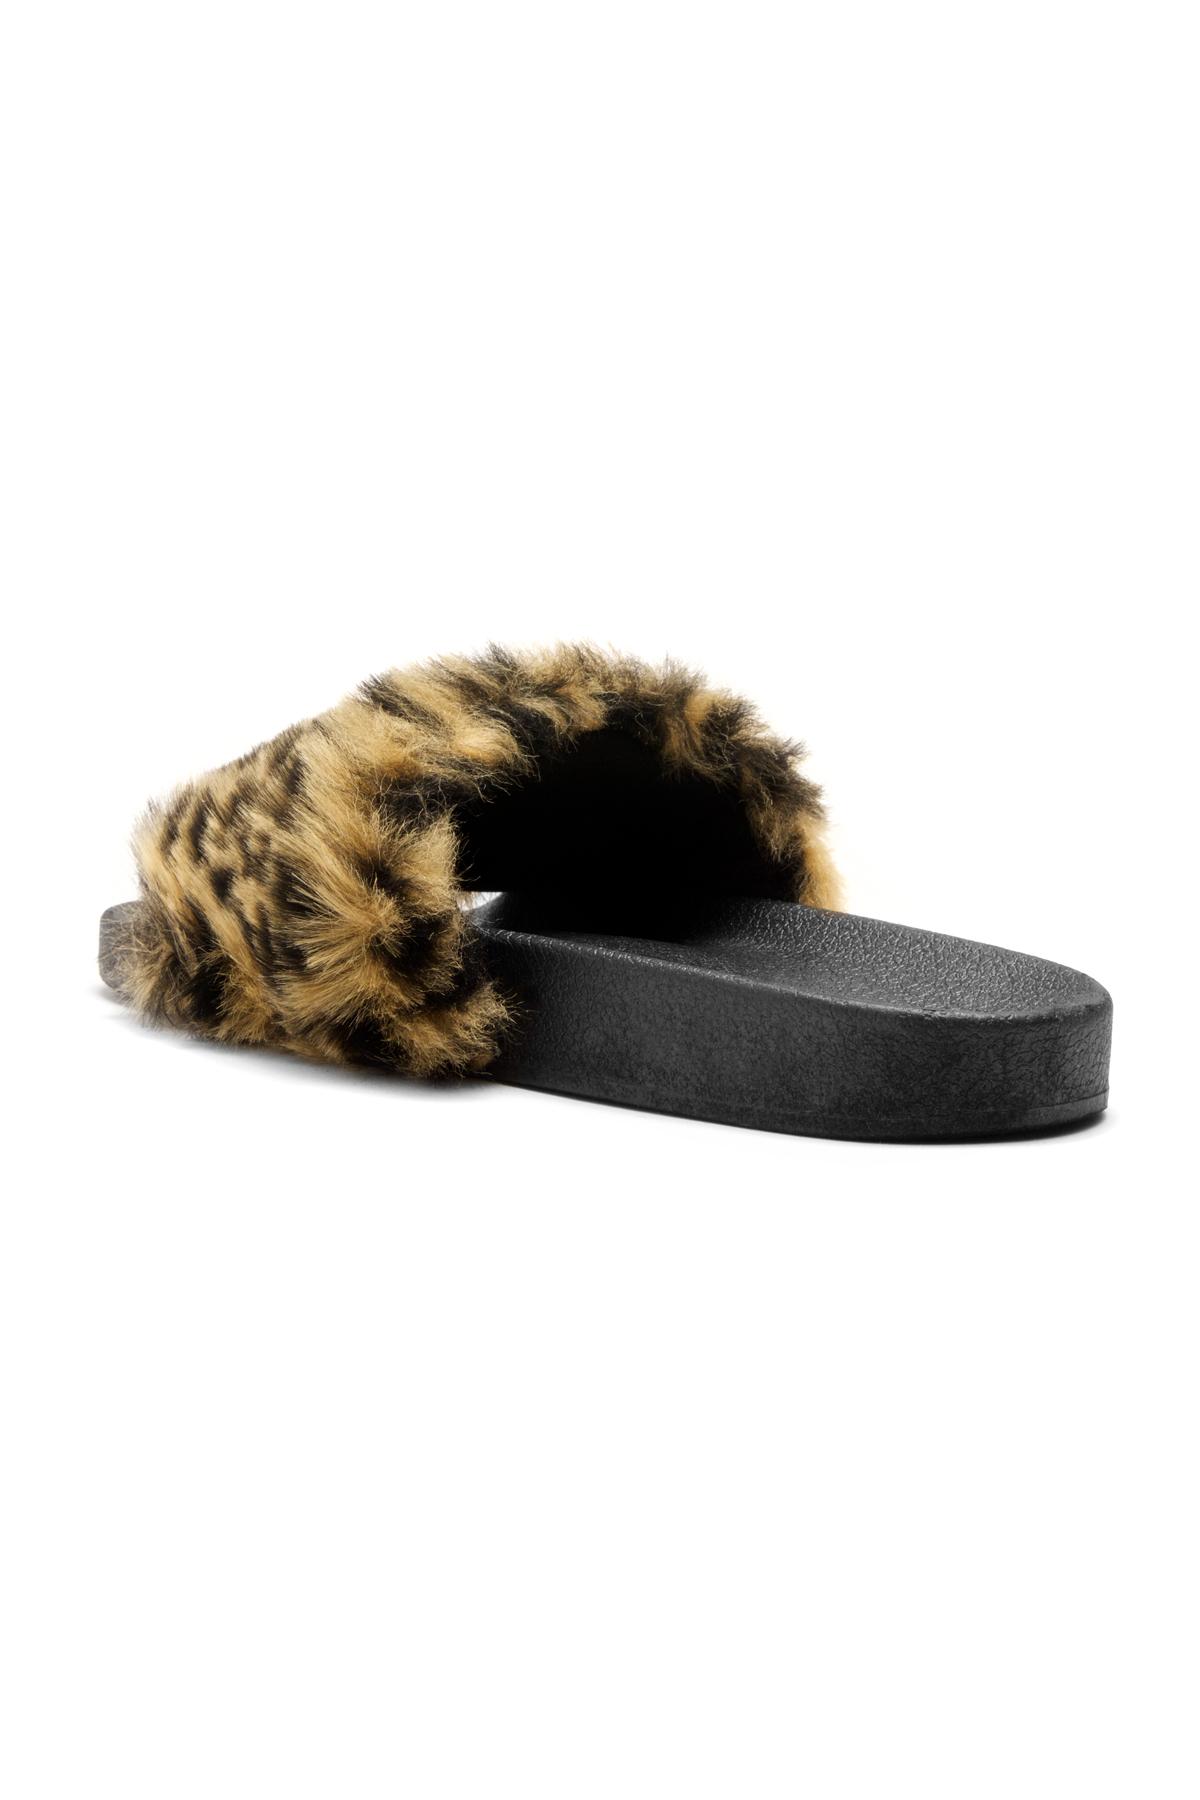 087840217644 Herstyle Women s SL-160801 Faux Fur Slide Sandal(Leopard)